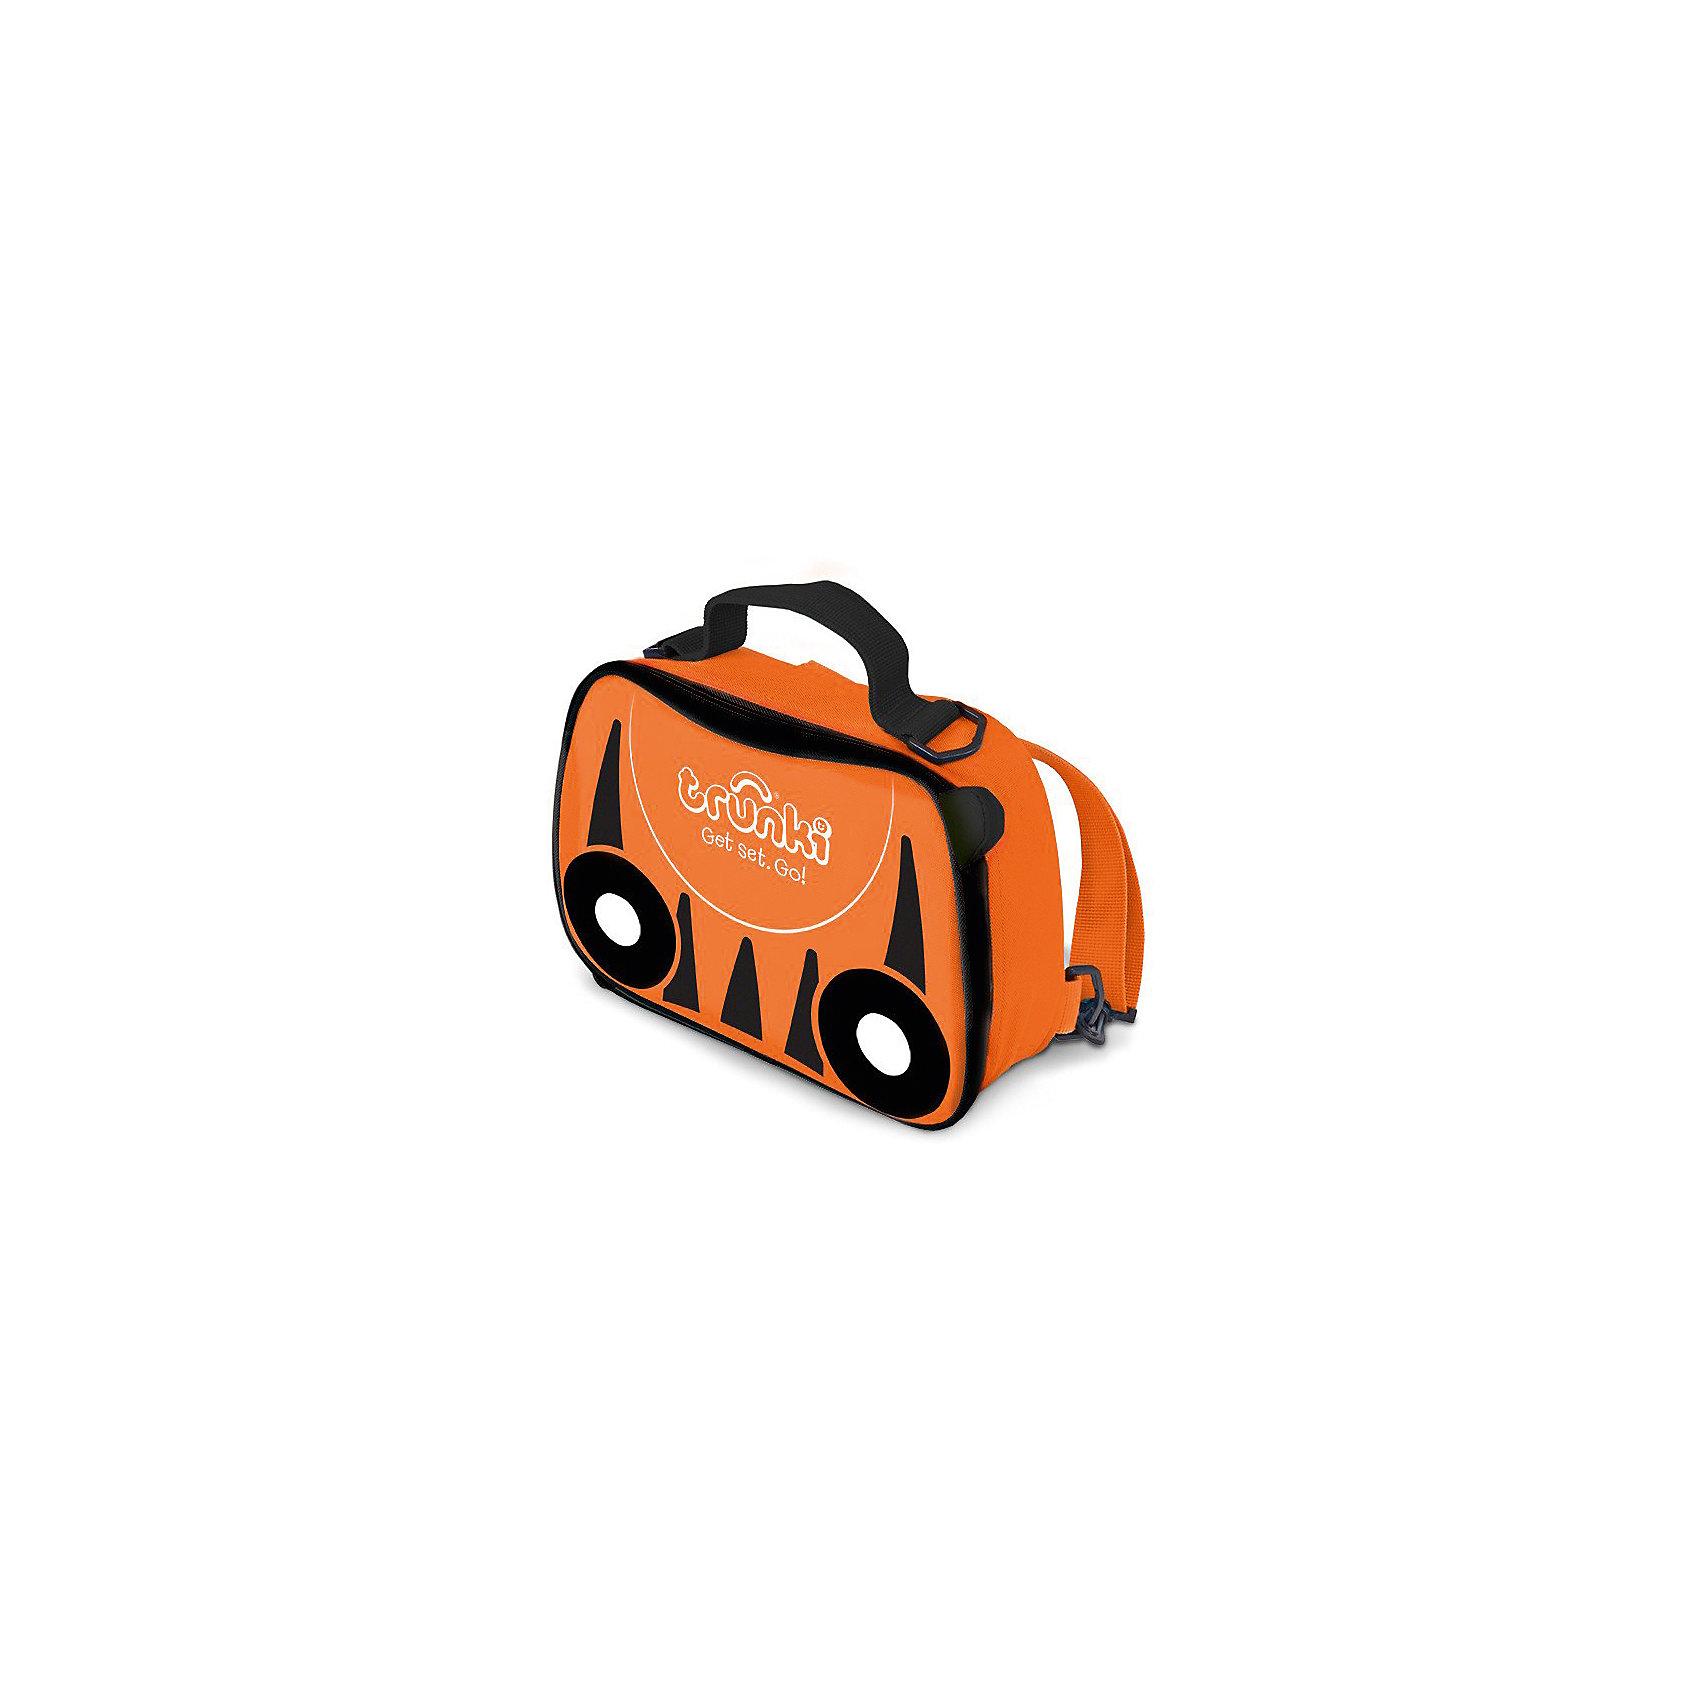 Сумка-холодильник ТигренокСумка-холодильник или термосумка от производителя Trunki - великолепная новинка, которая будет актуальной во время путешествий, пикников, походов в детский сад, долгих прогулок и активного отдыха. <br><br>По форме сумка выполнена в виде чемодана Транки Tipu Tiger. Сумка яркого оранжевого цвета с черными полосками, как у тигра. По бокам изображены черные с белым колесики, как у аналогичного чемодана. <br><br>Сумка-холодильник отлично подойдет, когда необходимо как можно дольше сохранить продукты питания охлажденными. А также сумку можно использовать, когда необходимо обеспечить сохранение температуры горячих продуктов в течение непродолжительного промежутка времени. За сохранение температуры продуктов отвечает термоизоляционная прокладка в виде специальной пены и специальный материал с внутренней стороны сумки. <br><br>Термосумка изготовлена из прочной ткани, обладающей водоотталкивающими свойствами и не пропускающей ультрафиолетовые лучи. Сумка очень легко чистится от загрязнений и быстро сохнет. Внутренняя поверхность сумки легко протирается влажной тряпкой, швы скрыты, что не позволяет забиваться в них крошкам и мусору. <br><br>На крышке сумки есть внутренний сетчатый карман для хранения мелочей или столовых приборов. <br><br>Сумка-холодильник Транки застегивается на молнию, имеет удобную ручку и съемный ремешок, с помощью которого она легко трансформируется в  рюкзак или плечевую сумку.<br><br>Ширина мм: 270<br>Глубина мм: 75<br>Высота мм: 195<br>Вес г: 300<br>Возраст от месяцев: 36<br>Возраст до месяцев: 2147483647<br>Пол: Унисекс<br>Возраст: Детский<br>SKU: 5509346